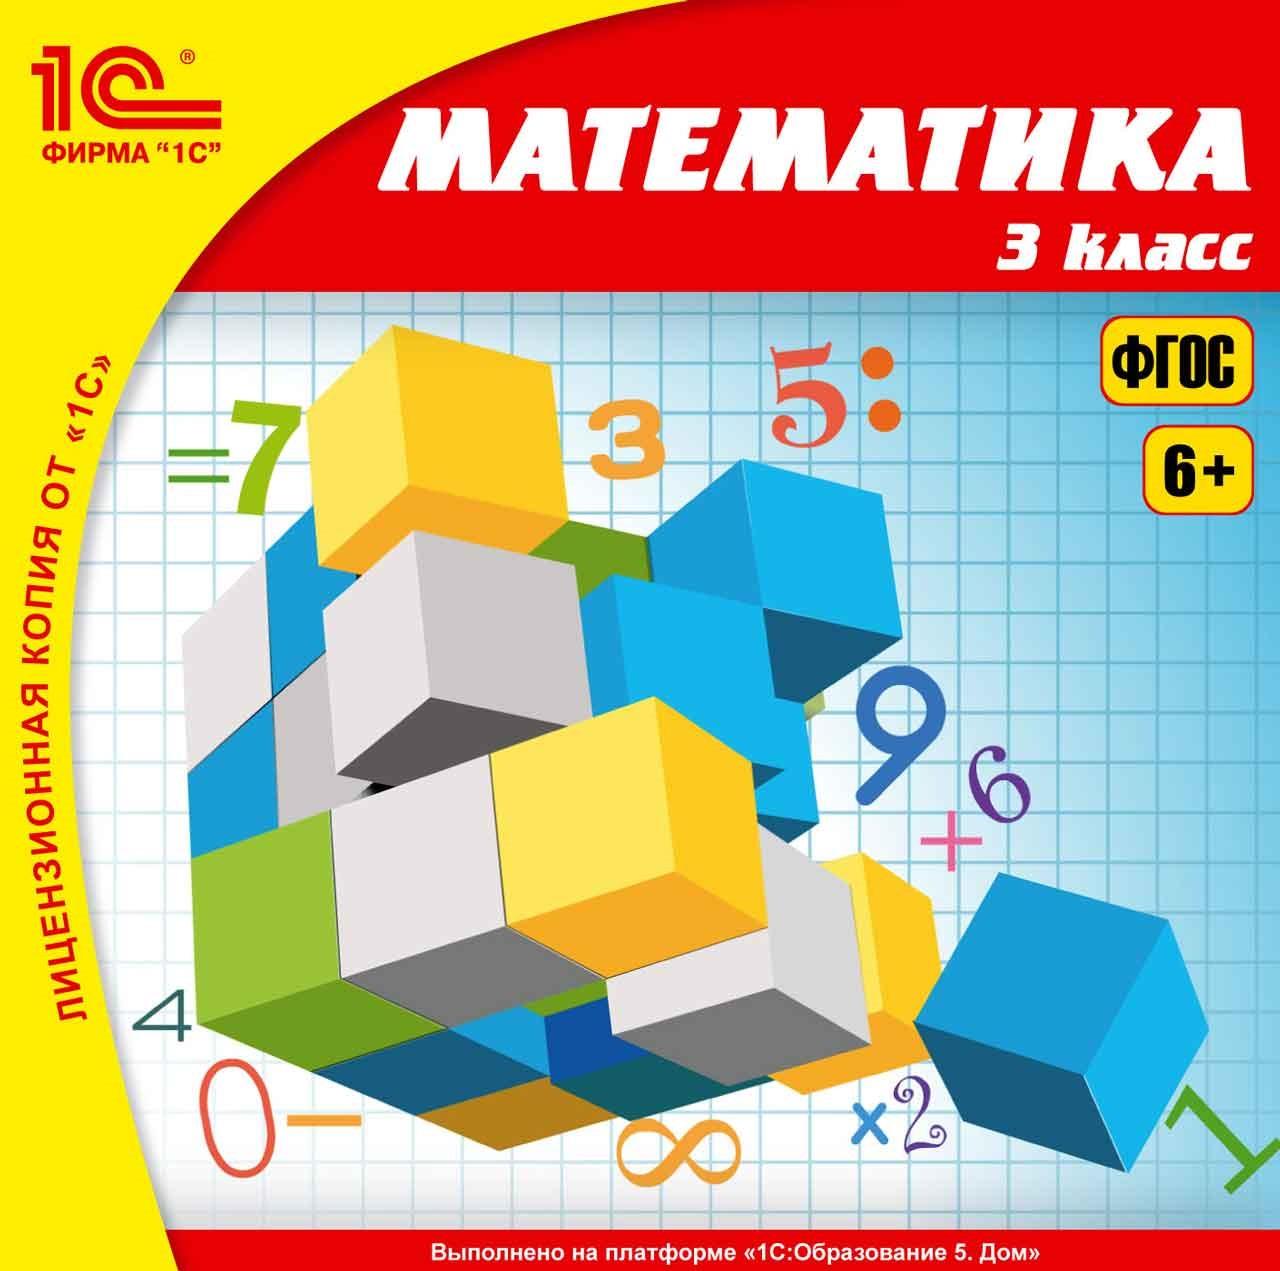 Математика, 3 класс (Цифровая версия)Электронное пособие Математика, 3 класс разработано для учащихся 3-го класса начальной общеобразовательной школы в соответствии с требованиями нового ФГОС НОО.<br>